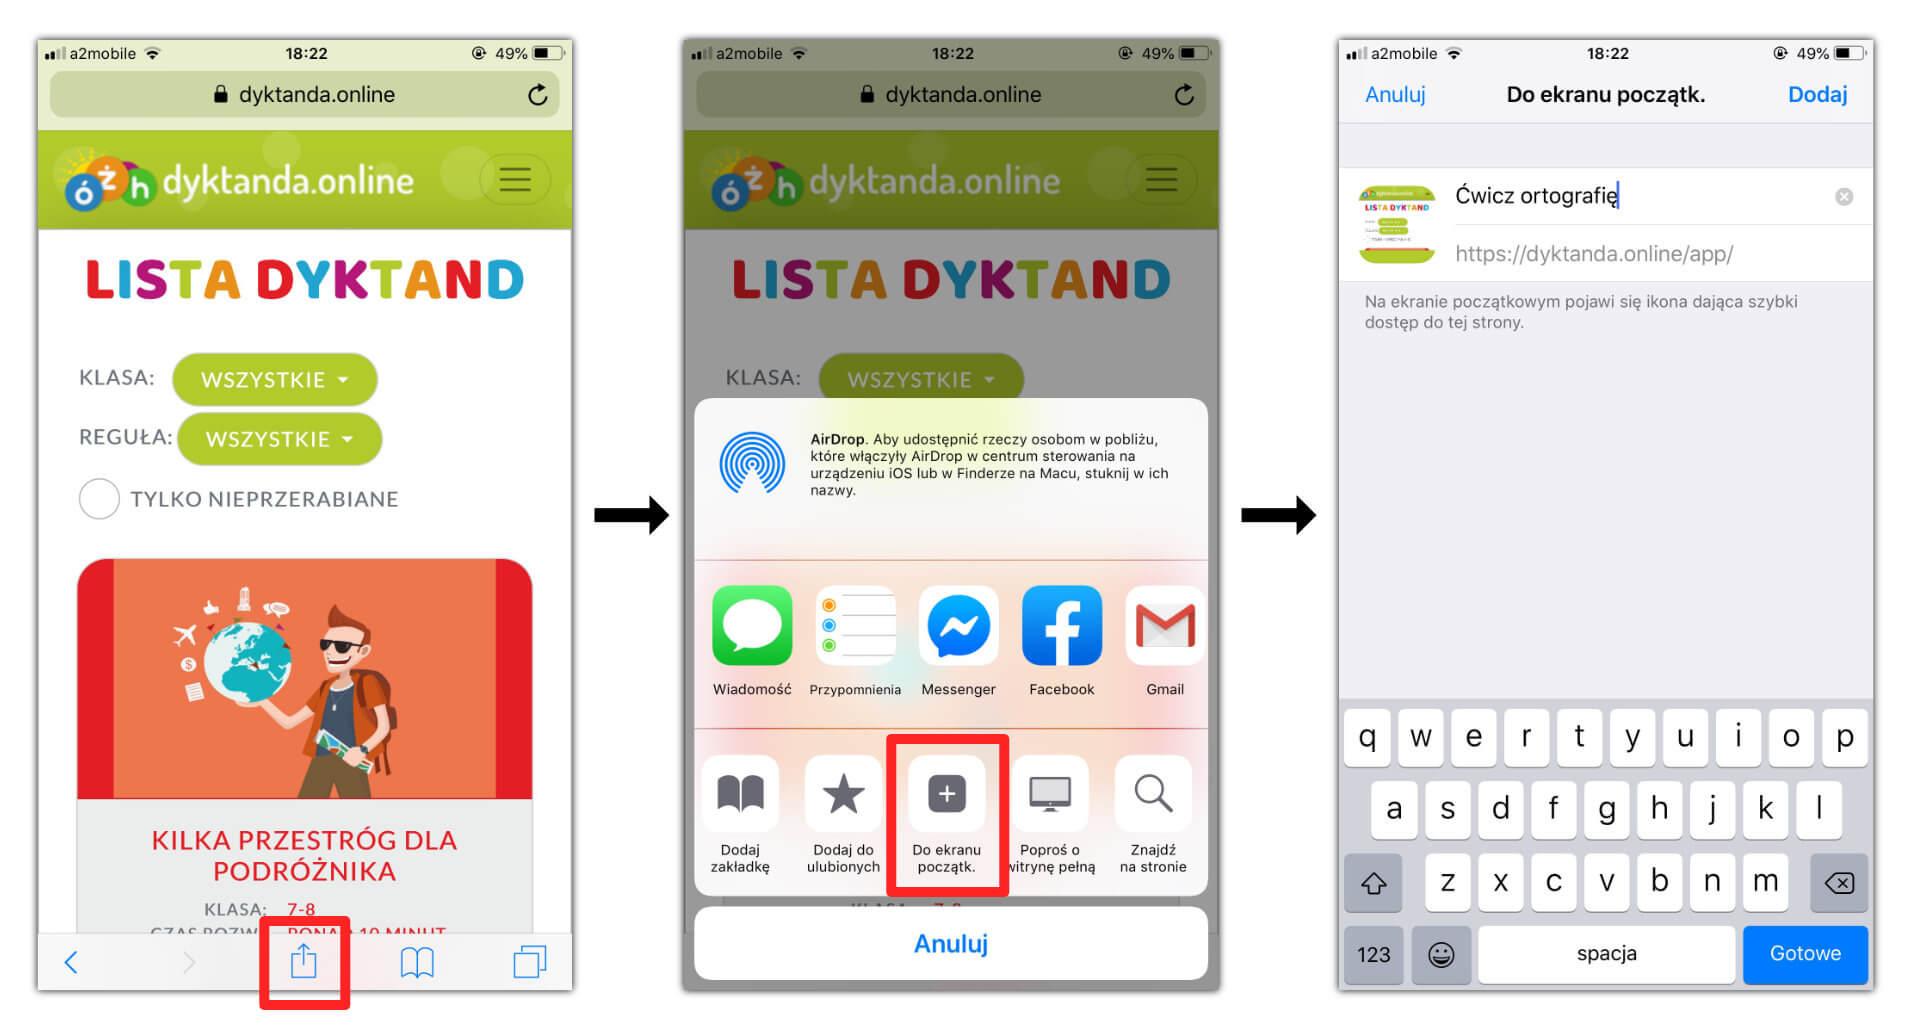 Instalacja aplikacji dyktanda.online na iPhone